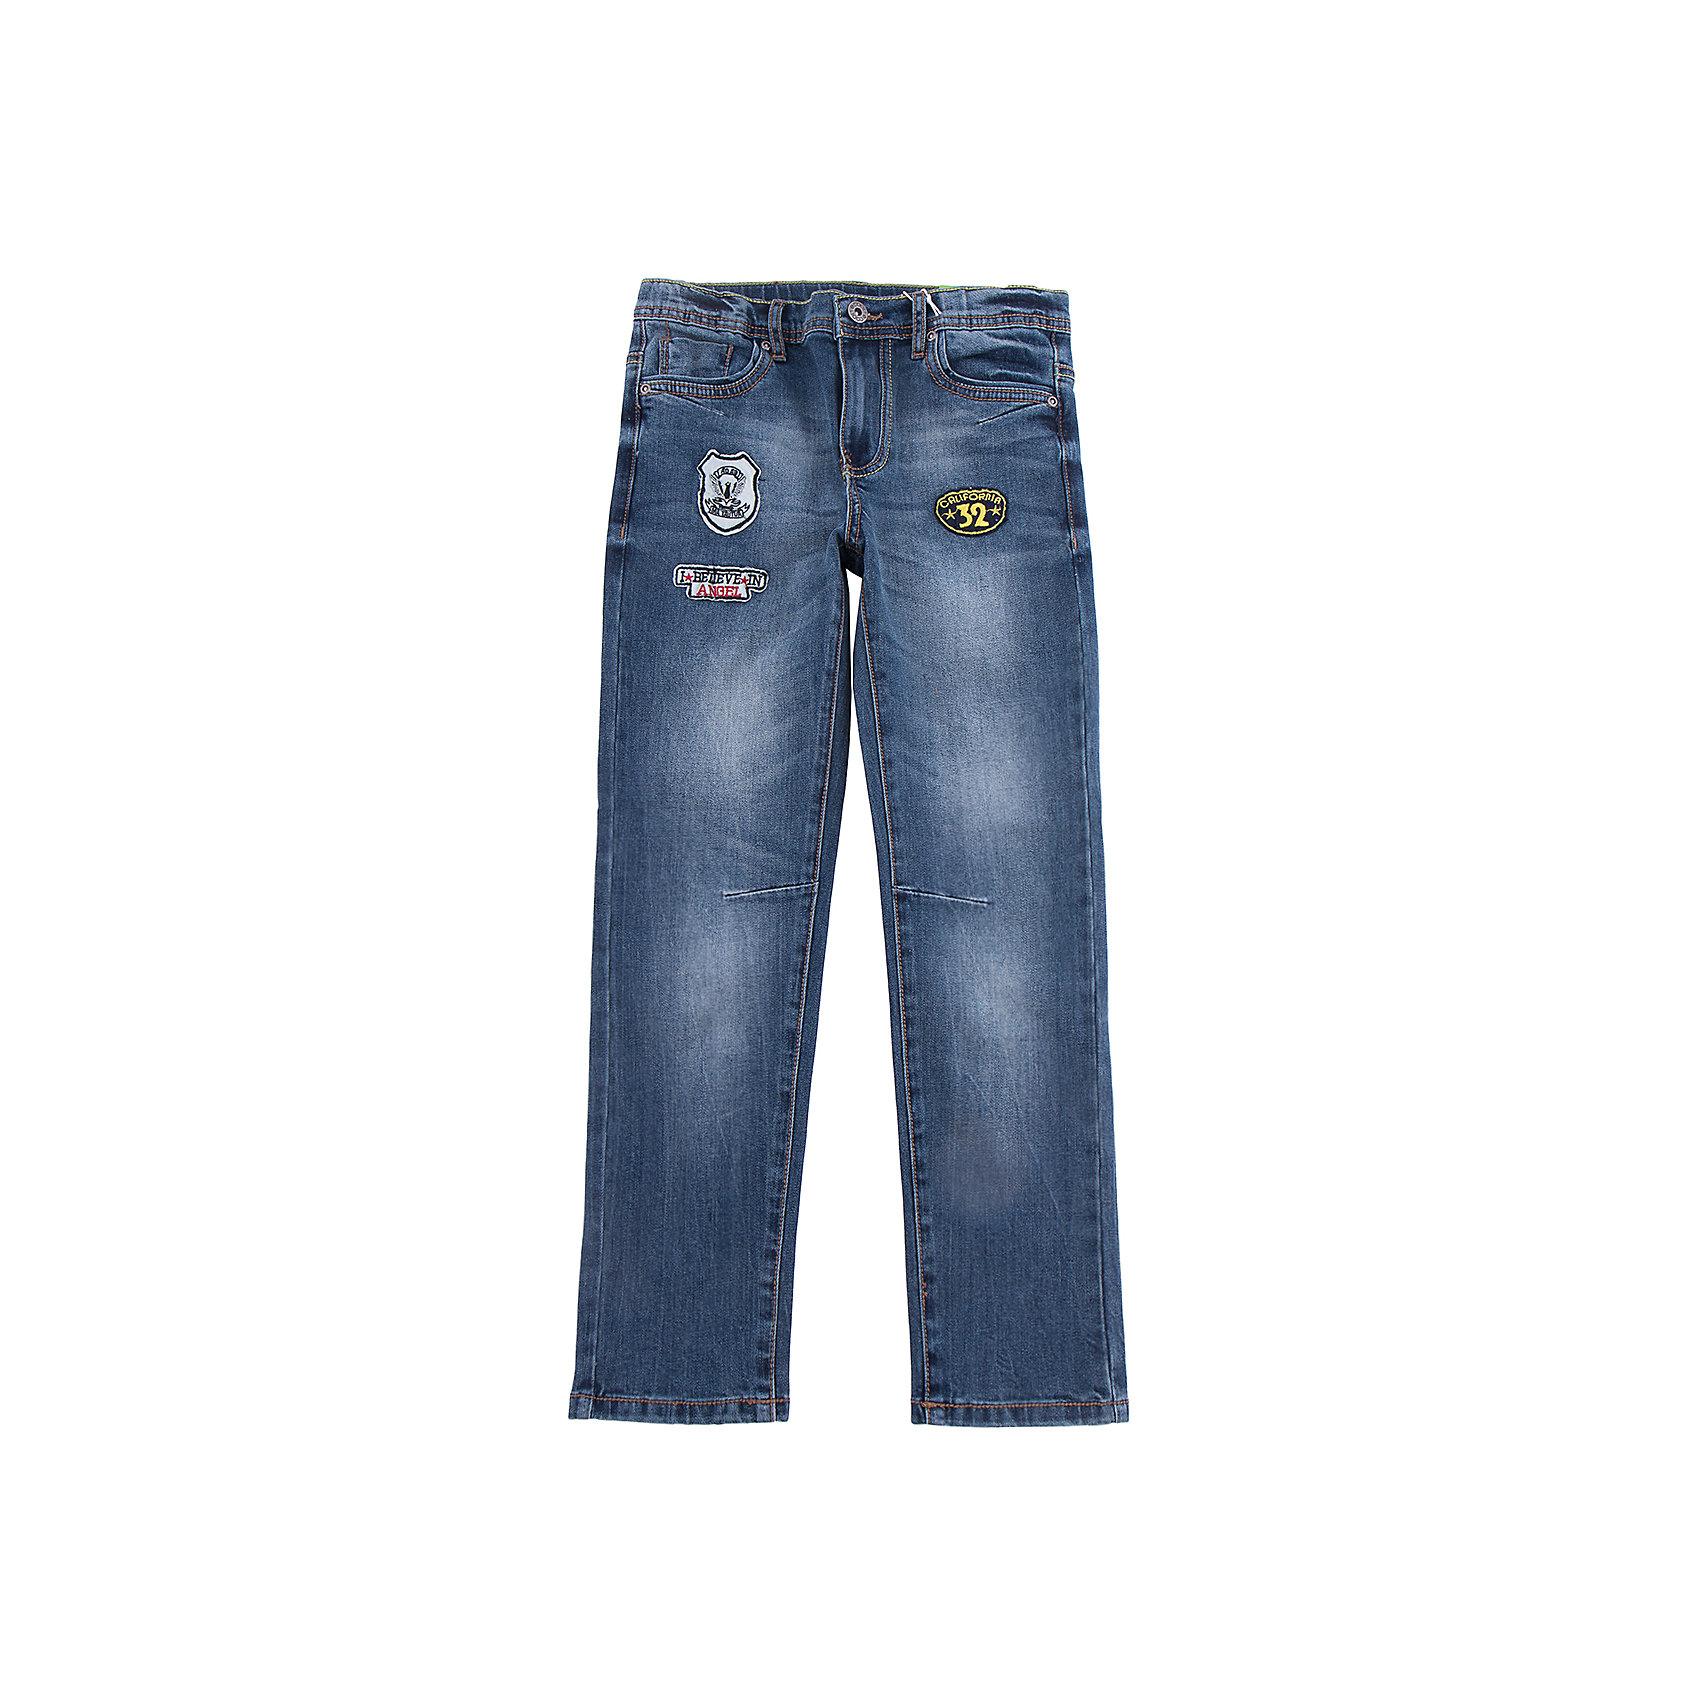 Джинсы Scool для мальчикаДжинсовая одежда<br>Джинсы Scool для мальчика<br>Брюки - джинсы из смесовой ткани с высоким содержанием хлопка. Классическая 5-ти карманная модель со шлевками. При необходимости можно использовать ремень. В качестве декора использованы потертости.<br>Состав:<br>65% хлопок, 32% полиэстер, 3% эластан<br><br>Ширина мм: 215<br>Глубина мм: 88<br>Высота мм: 191<br>Вес г: 336<br>Цвет: синий<br>Возраст от месяцев: 156<br>Возраст до месяцев: 168<br>Пол: Мужской<br>Возраст: Детский<br>Размер: 164,134,140,146,152,158<br>SKU: 7104901